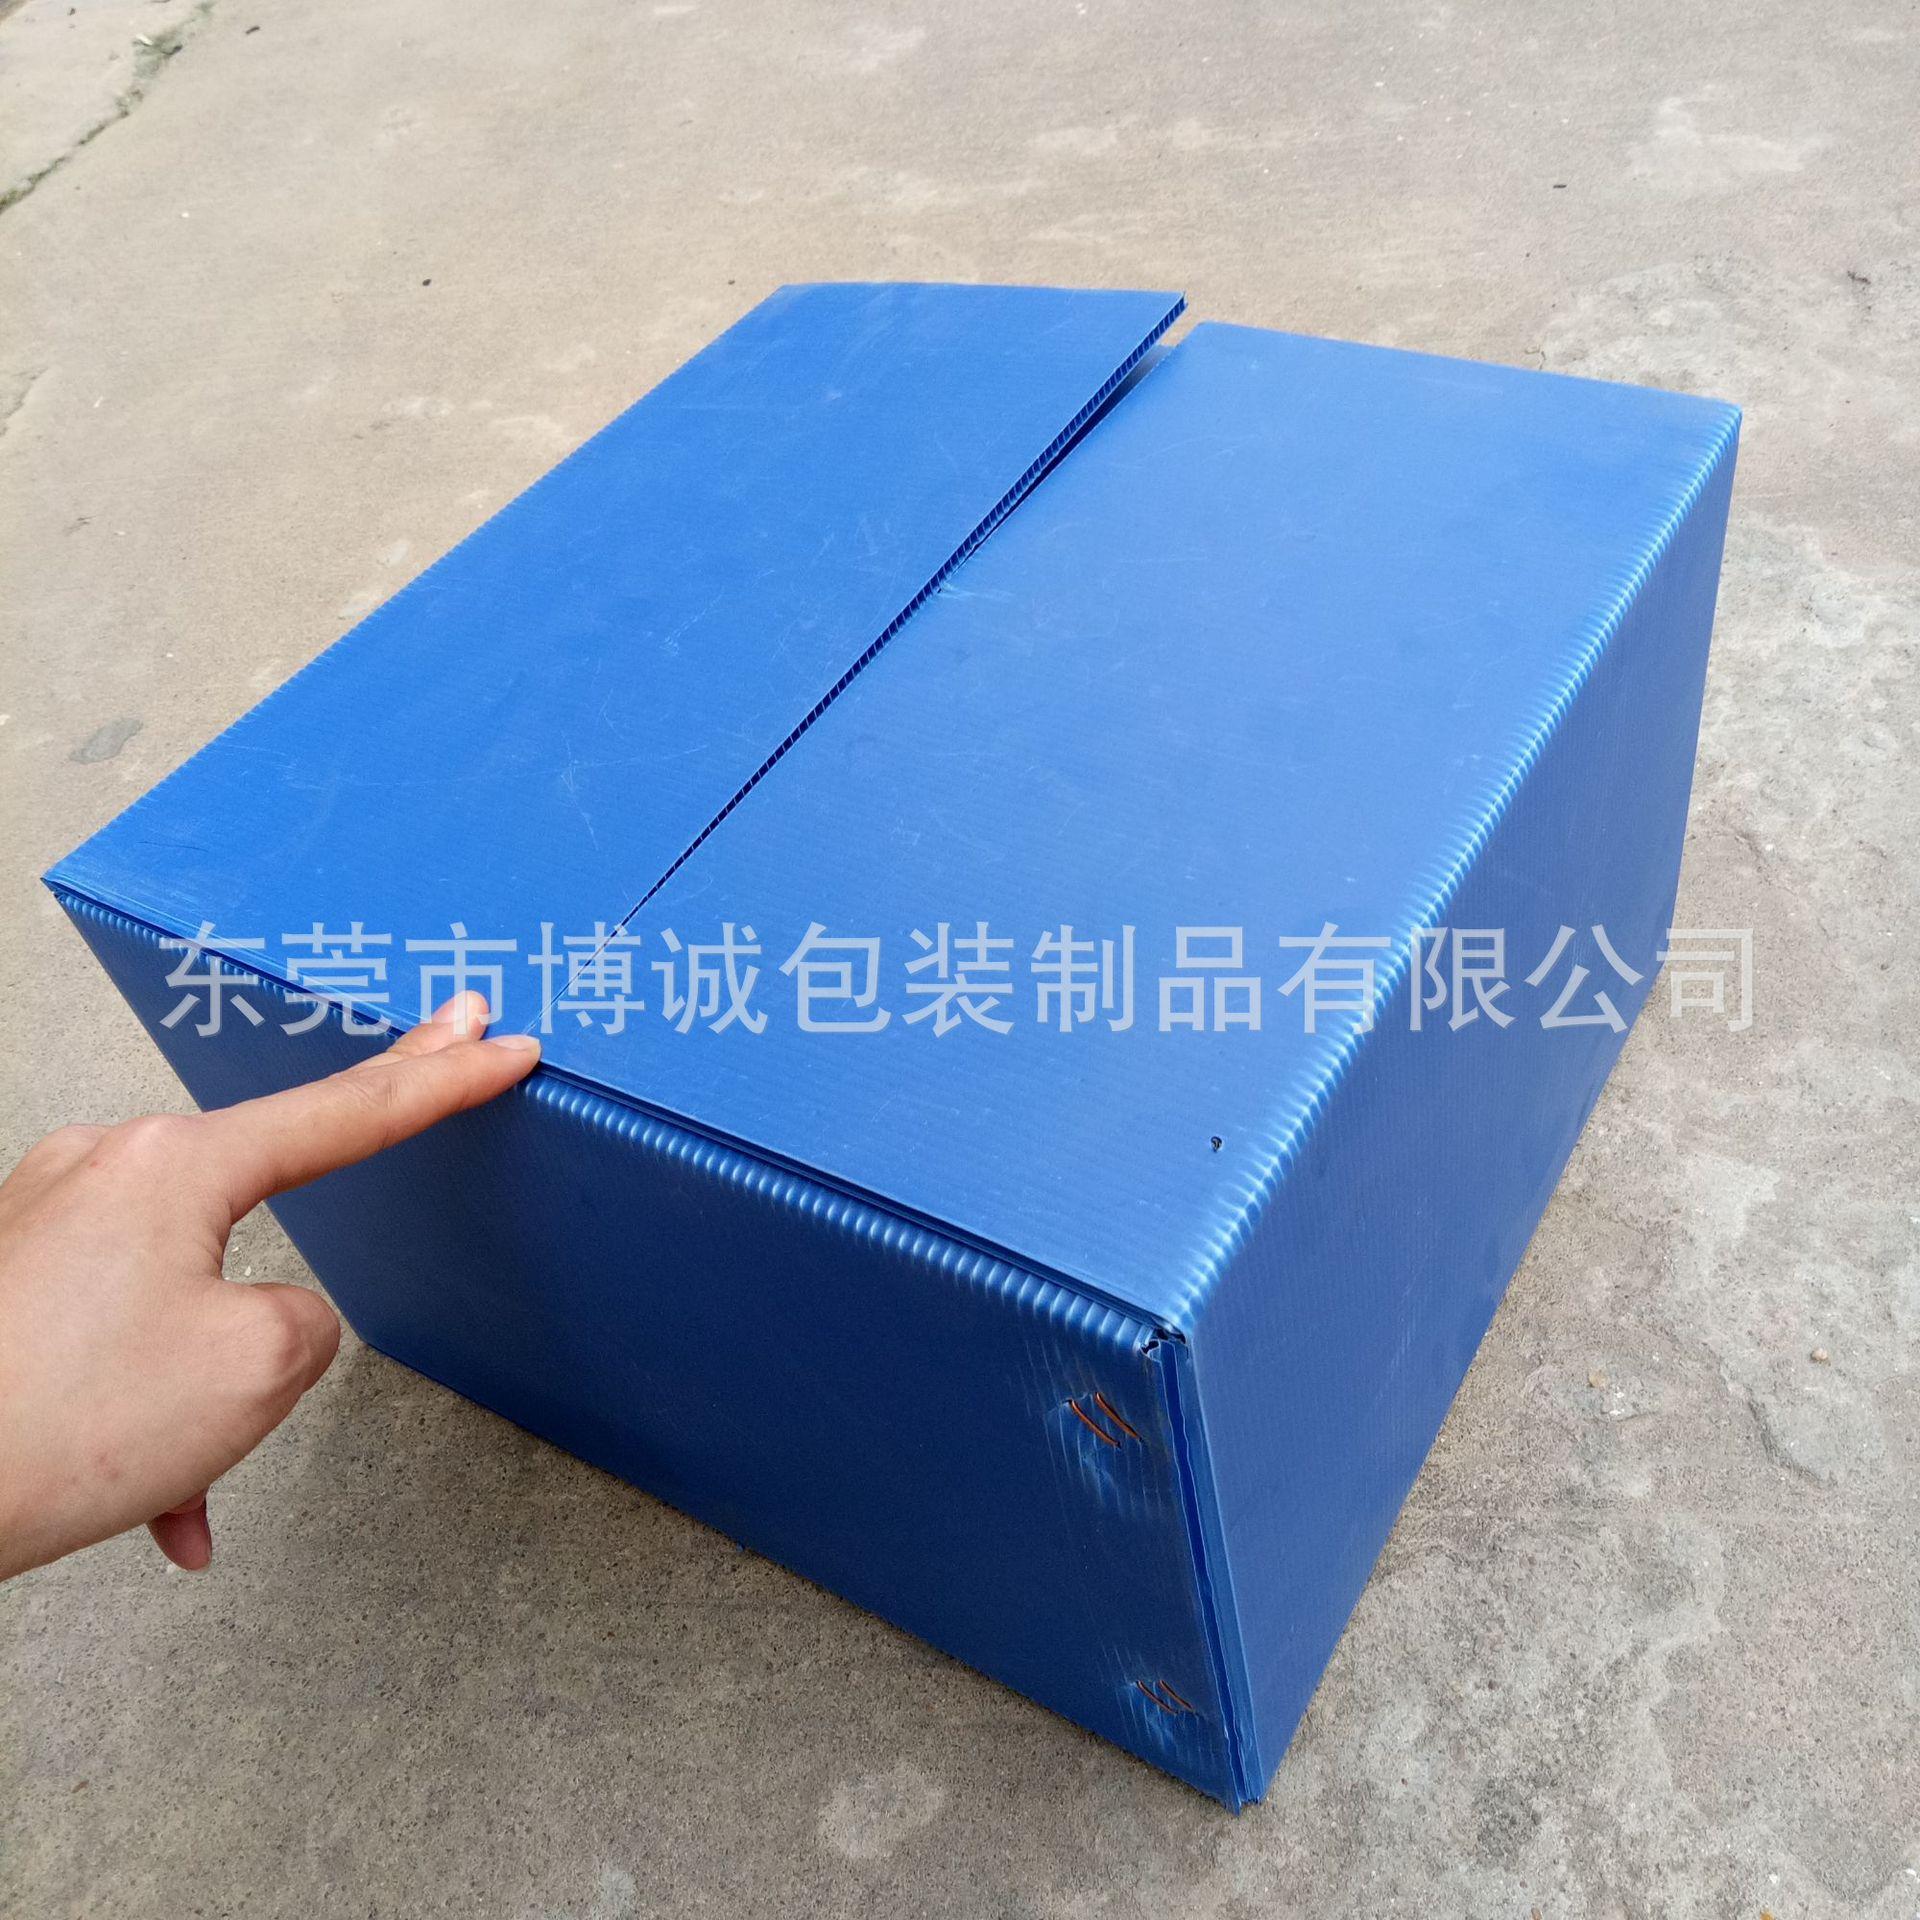 供应 江浙泸 pp包装塑料中空板材 防潮抗腐隔离板 pp塑料折叠箱